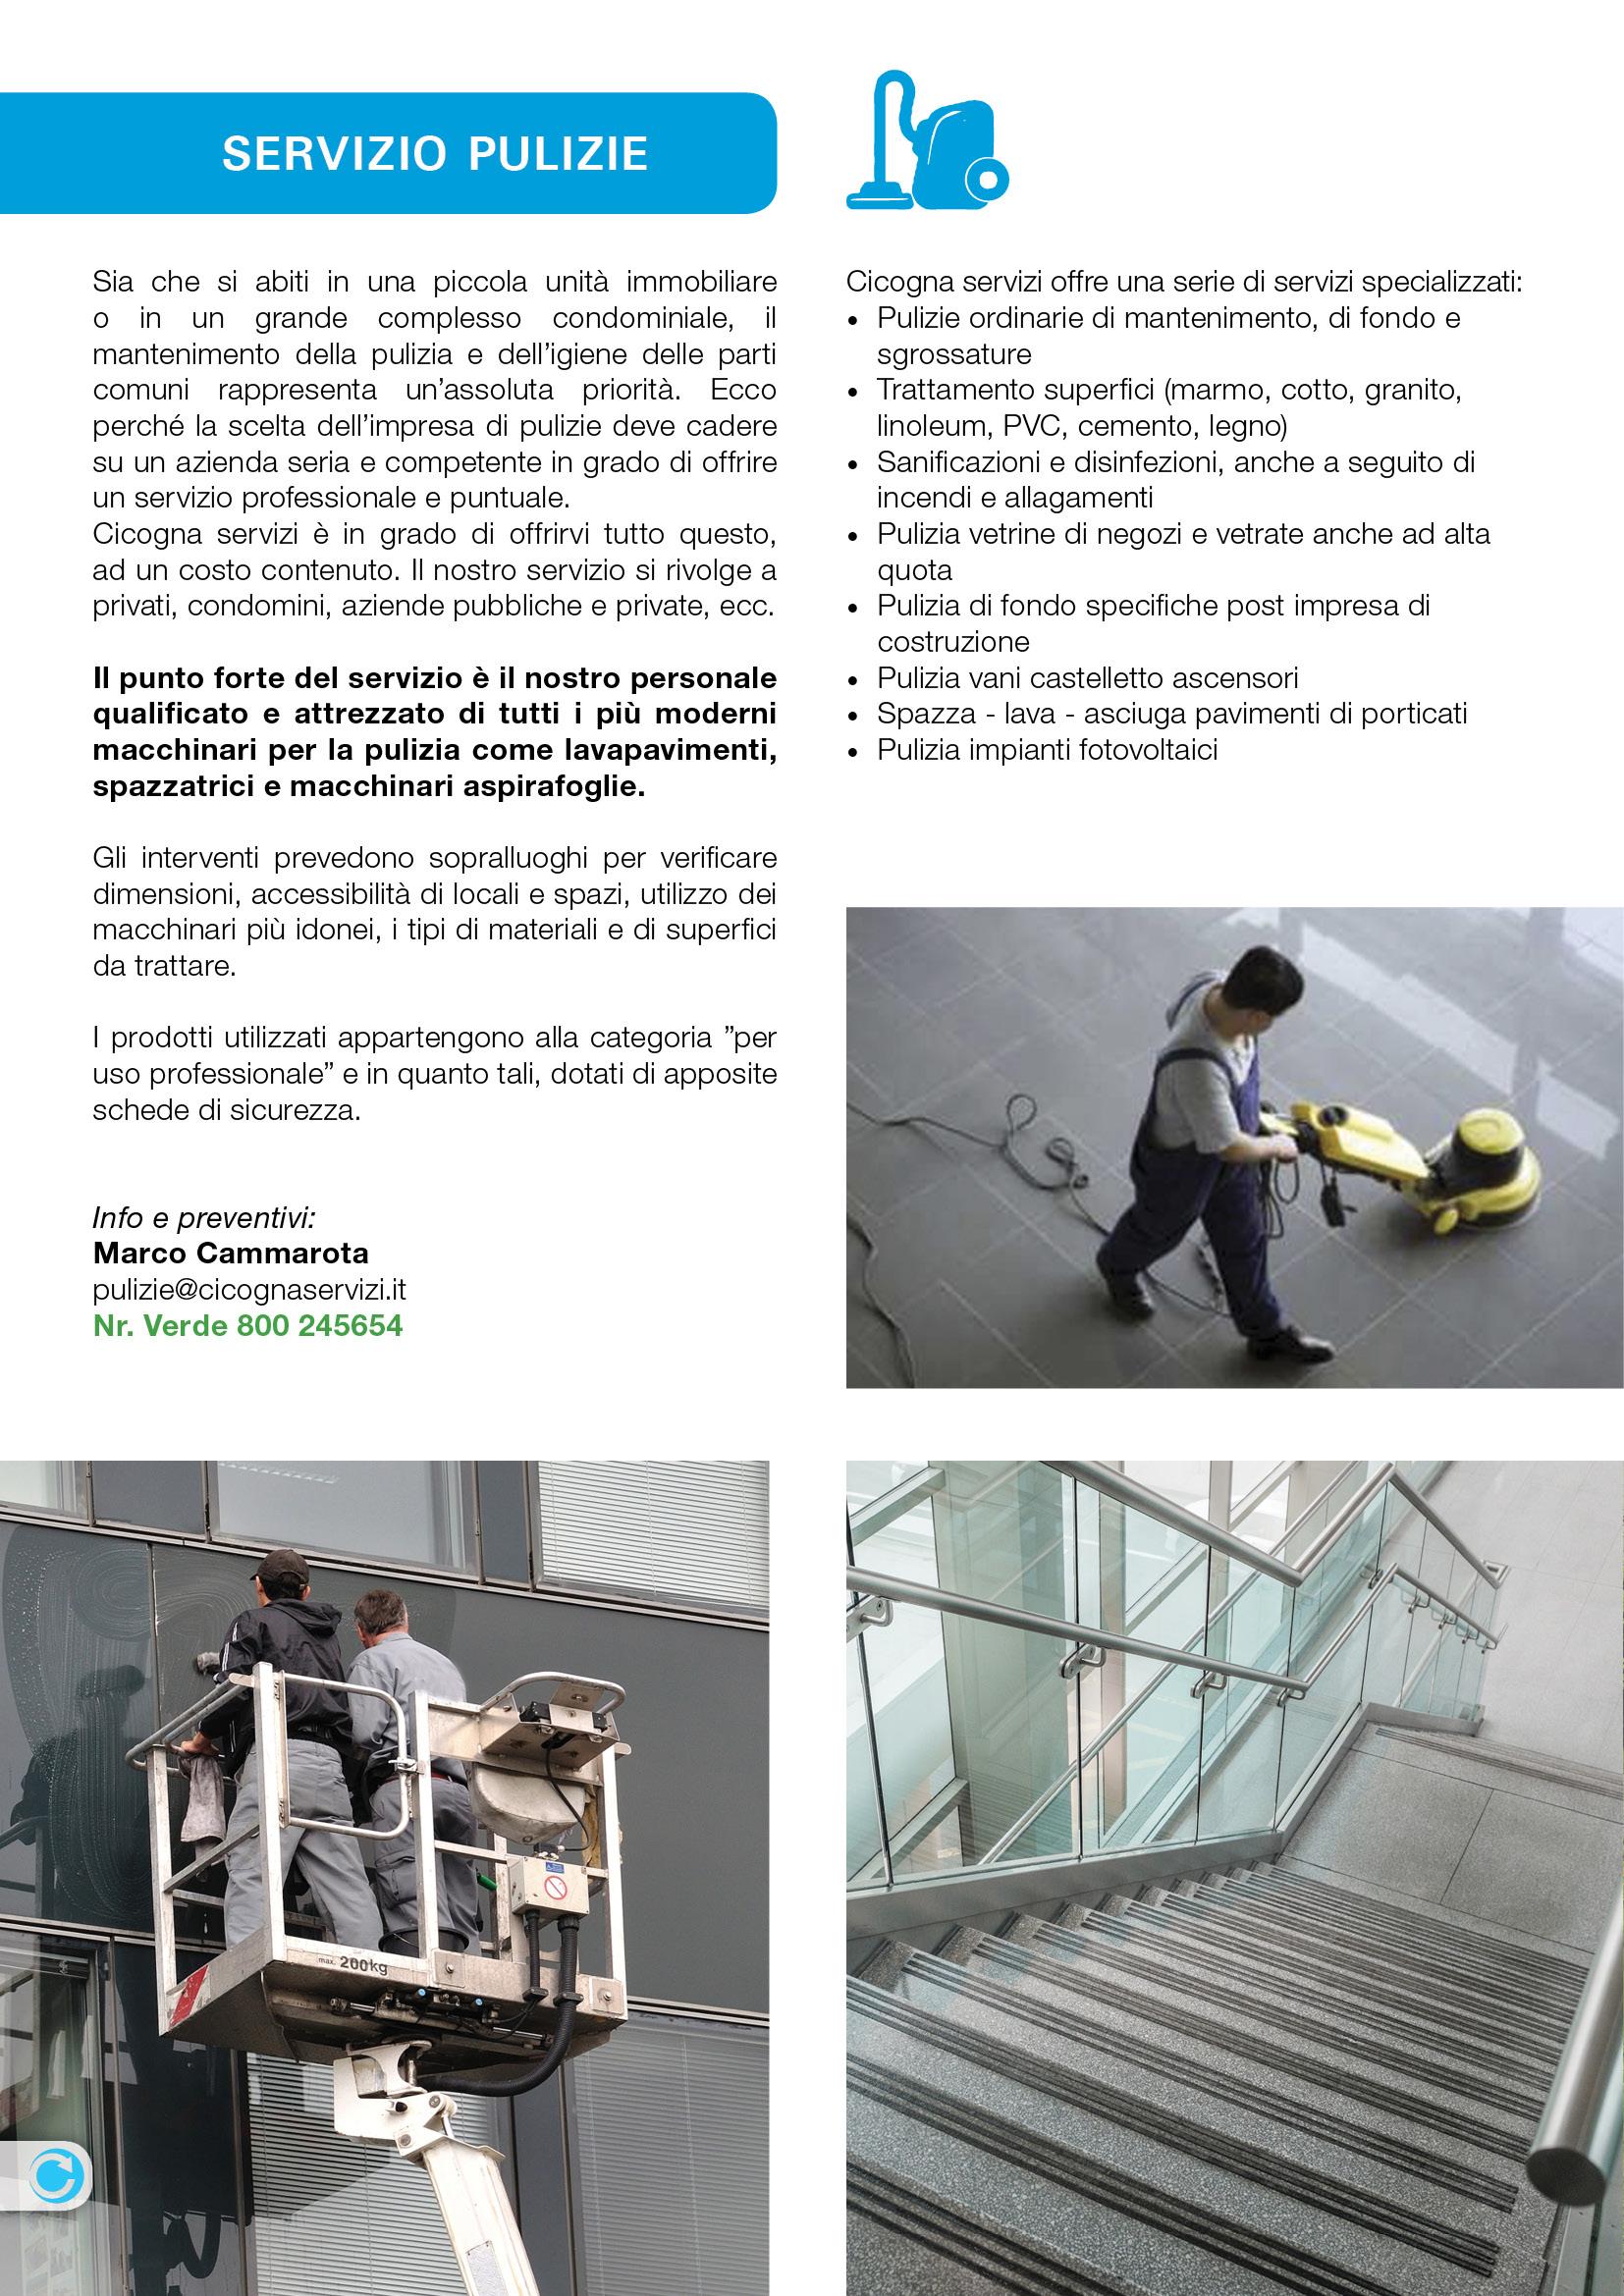 Brochure cicogna servizi 2015 samuele grassi for Clienti sinonimo